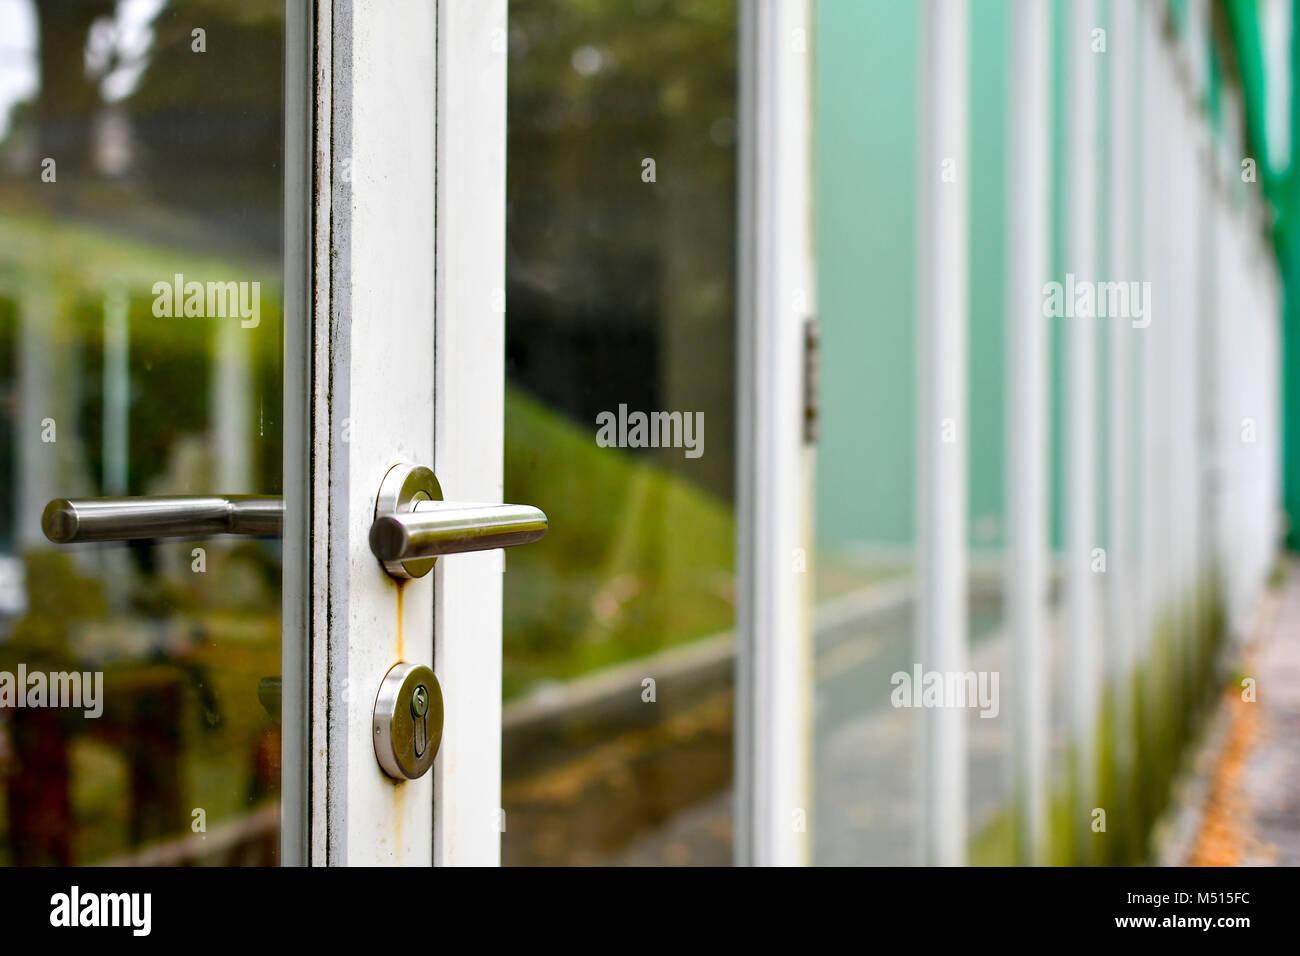 Perspective of building doors - Stock Image